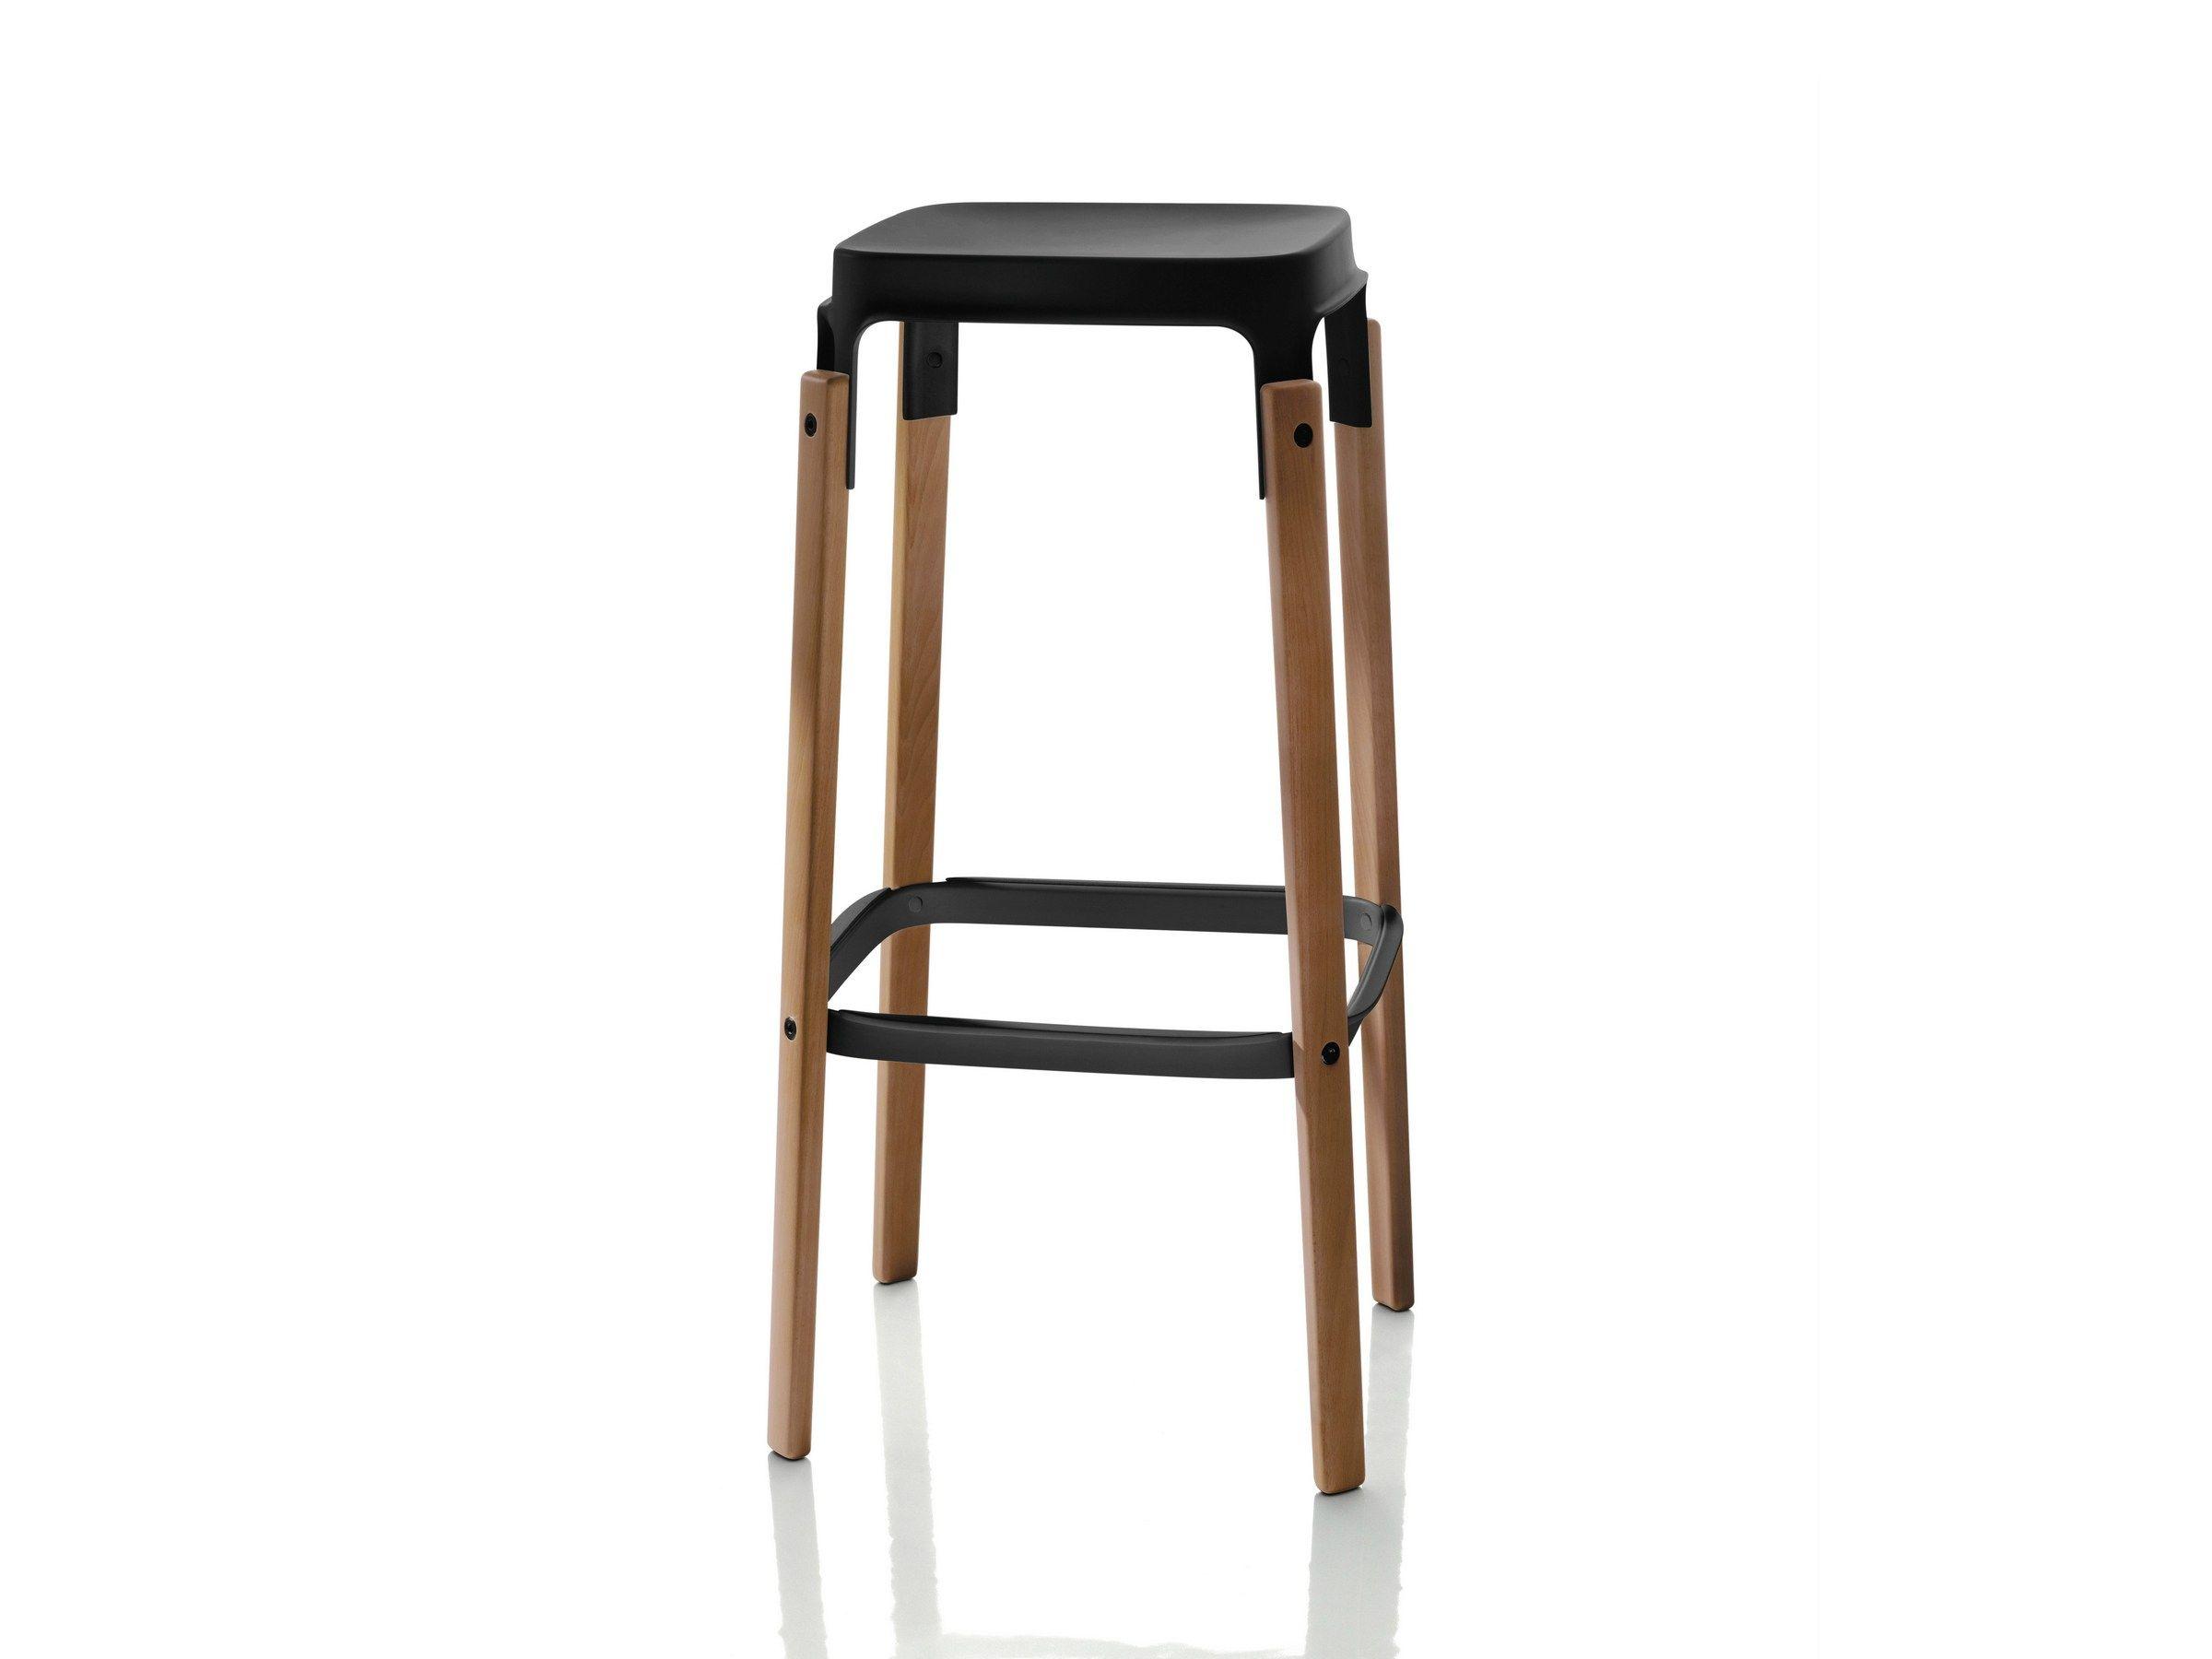 de product grcic one paire chair pour magis konstantin noires chaises